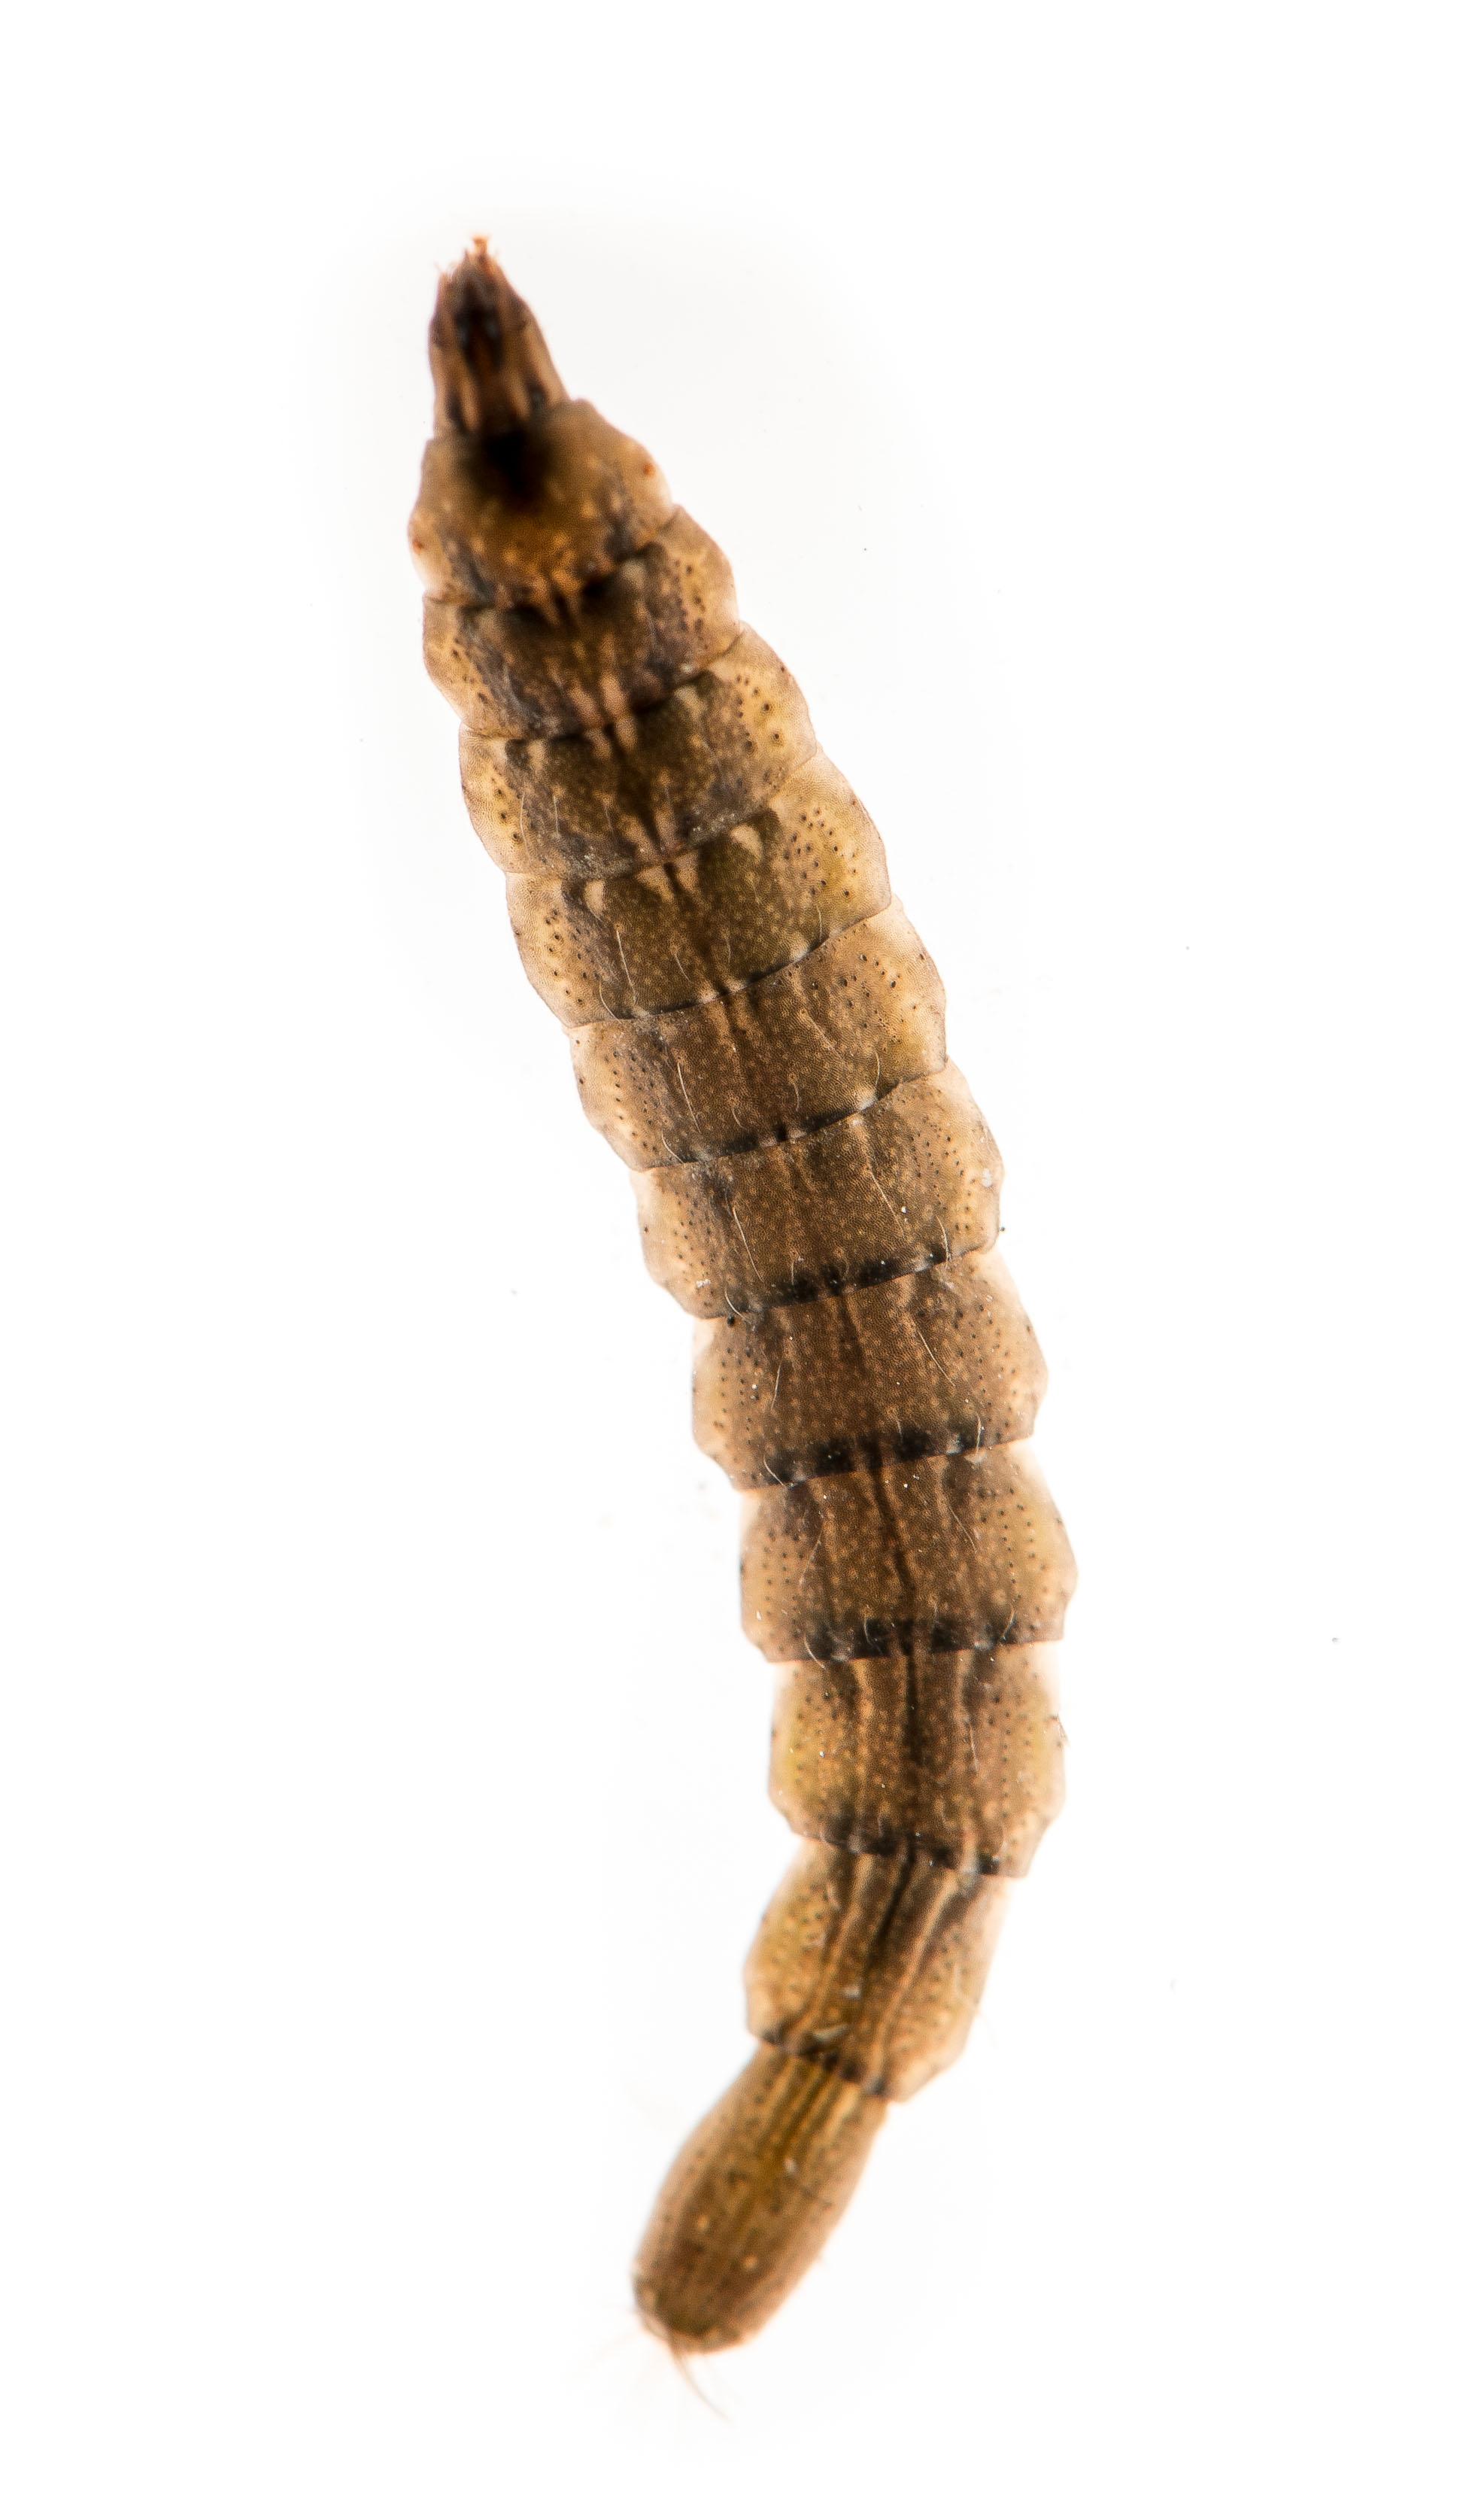 Stratiomyidae_09.jpg